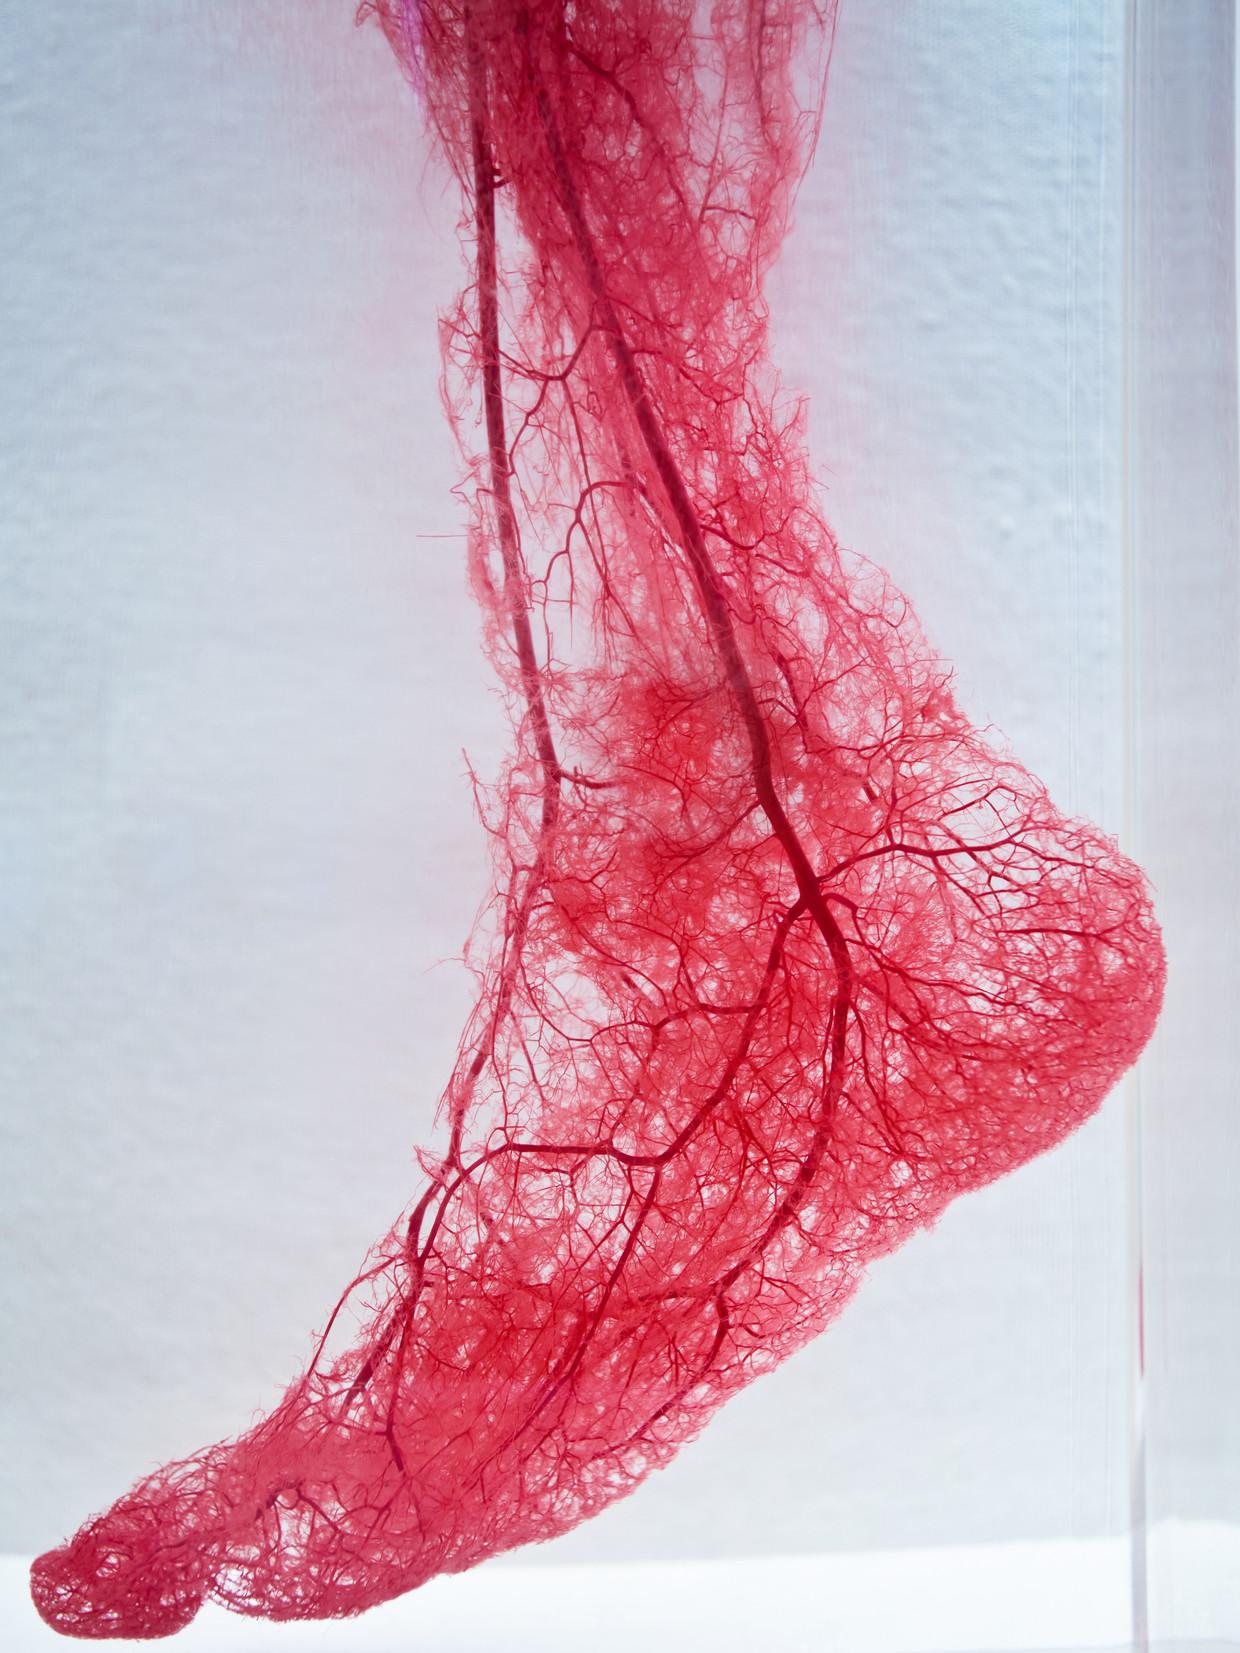 Bloedvaten in de voet.